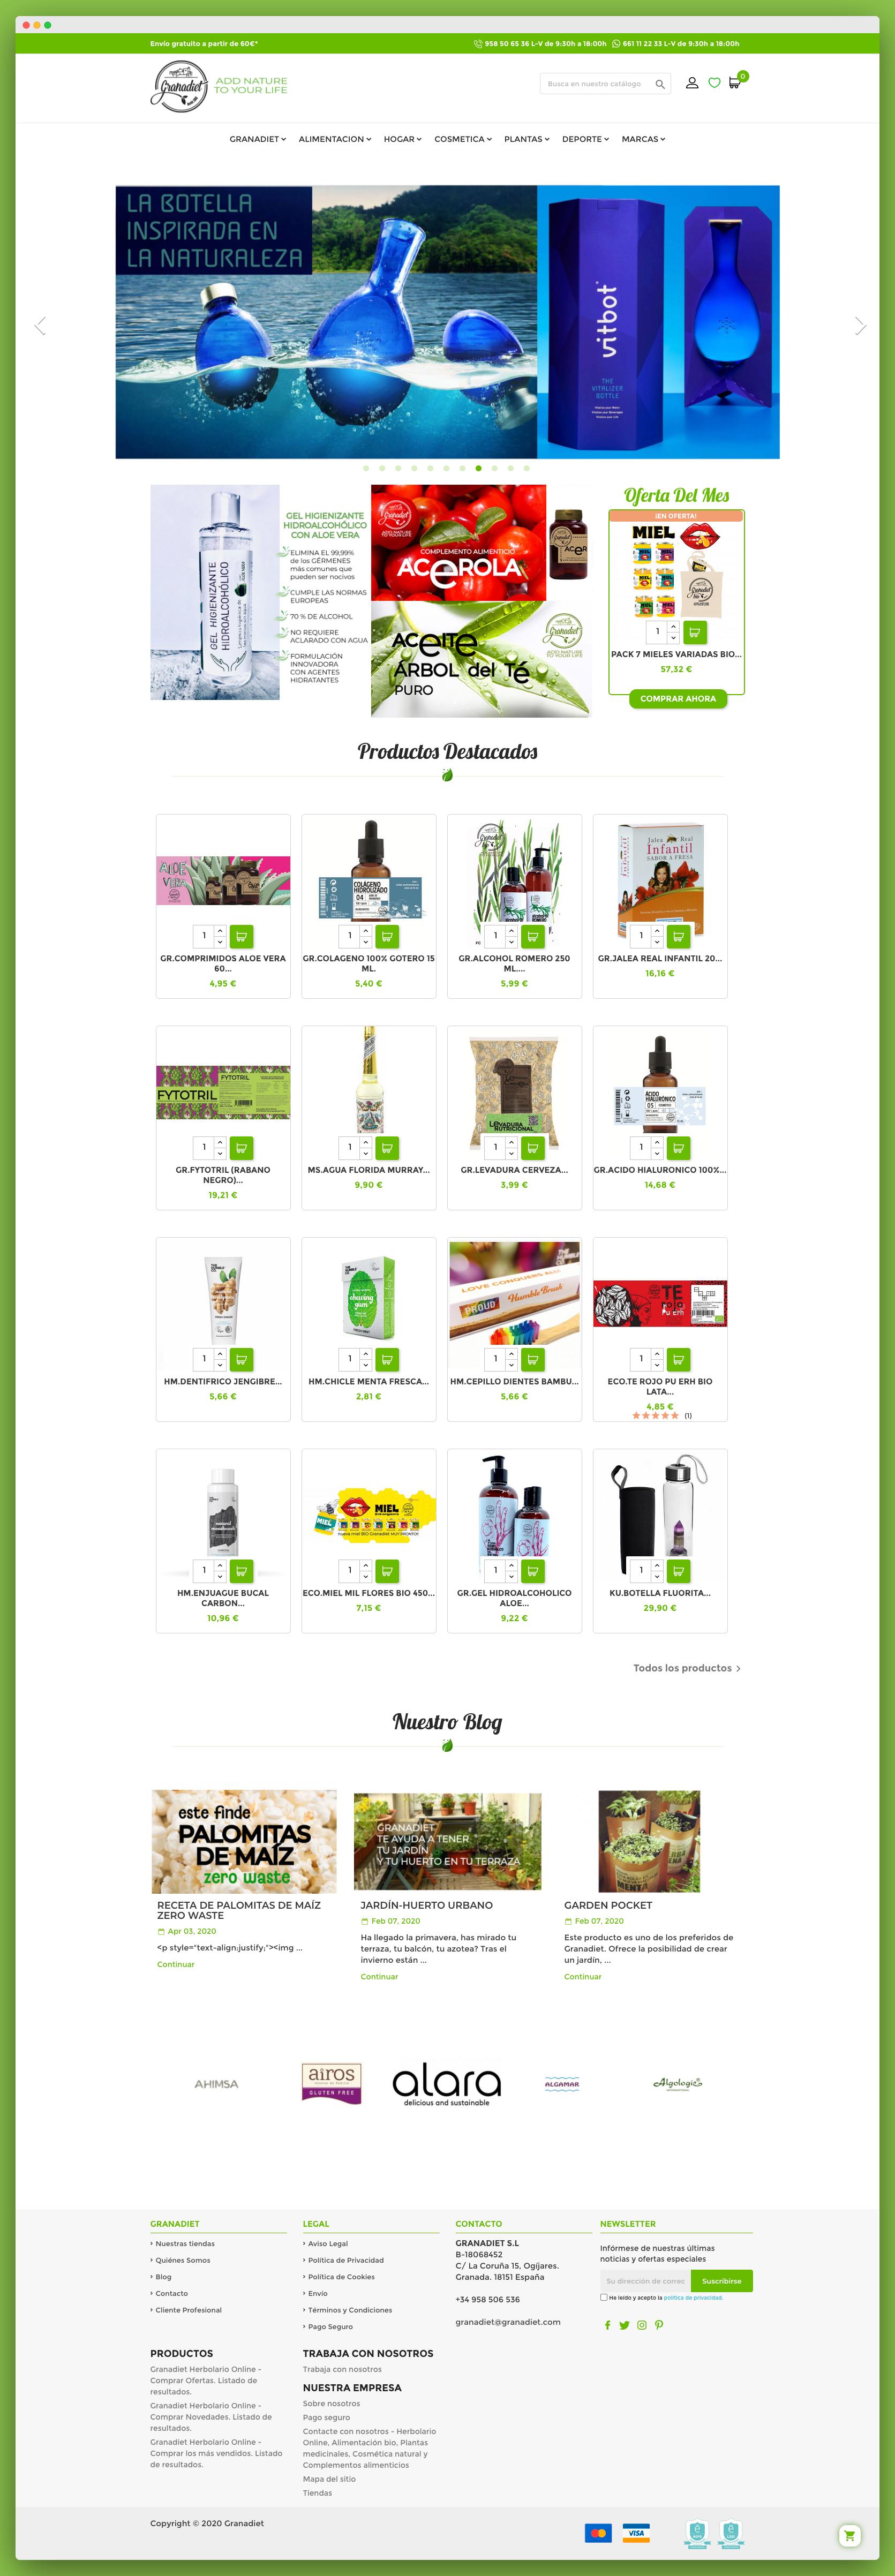 Imagen adicional 1 del proyecto Tienda Online Granadiet